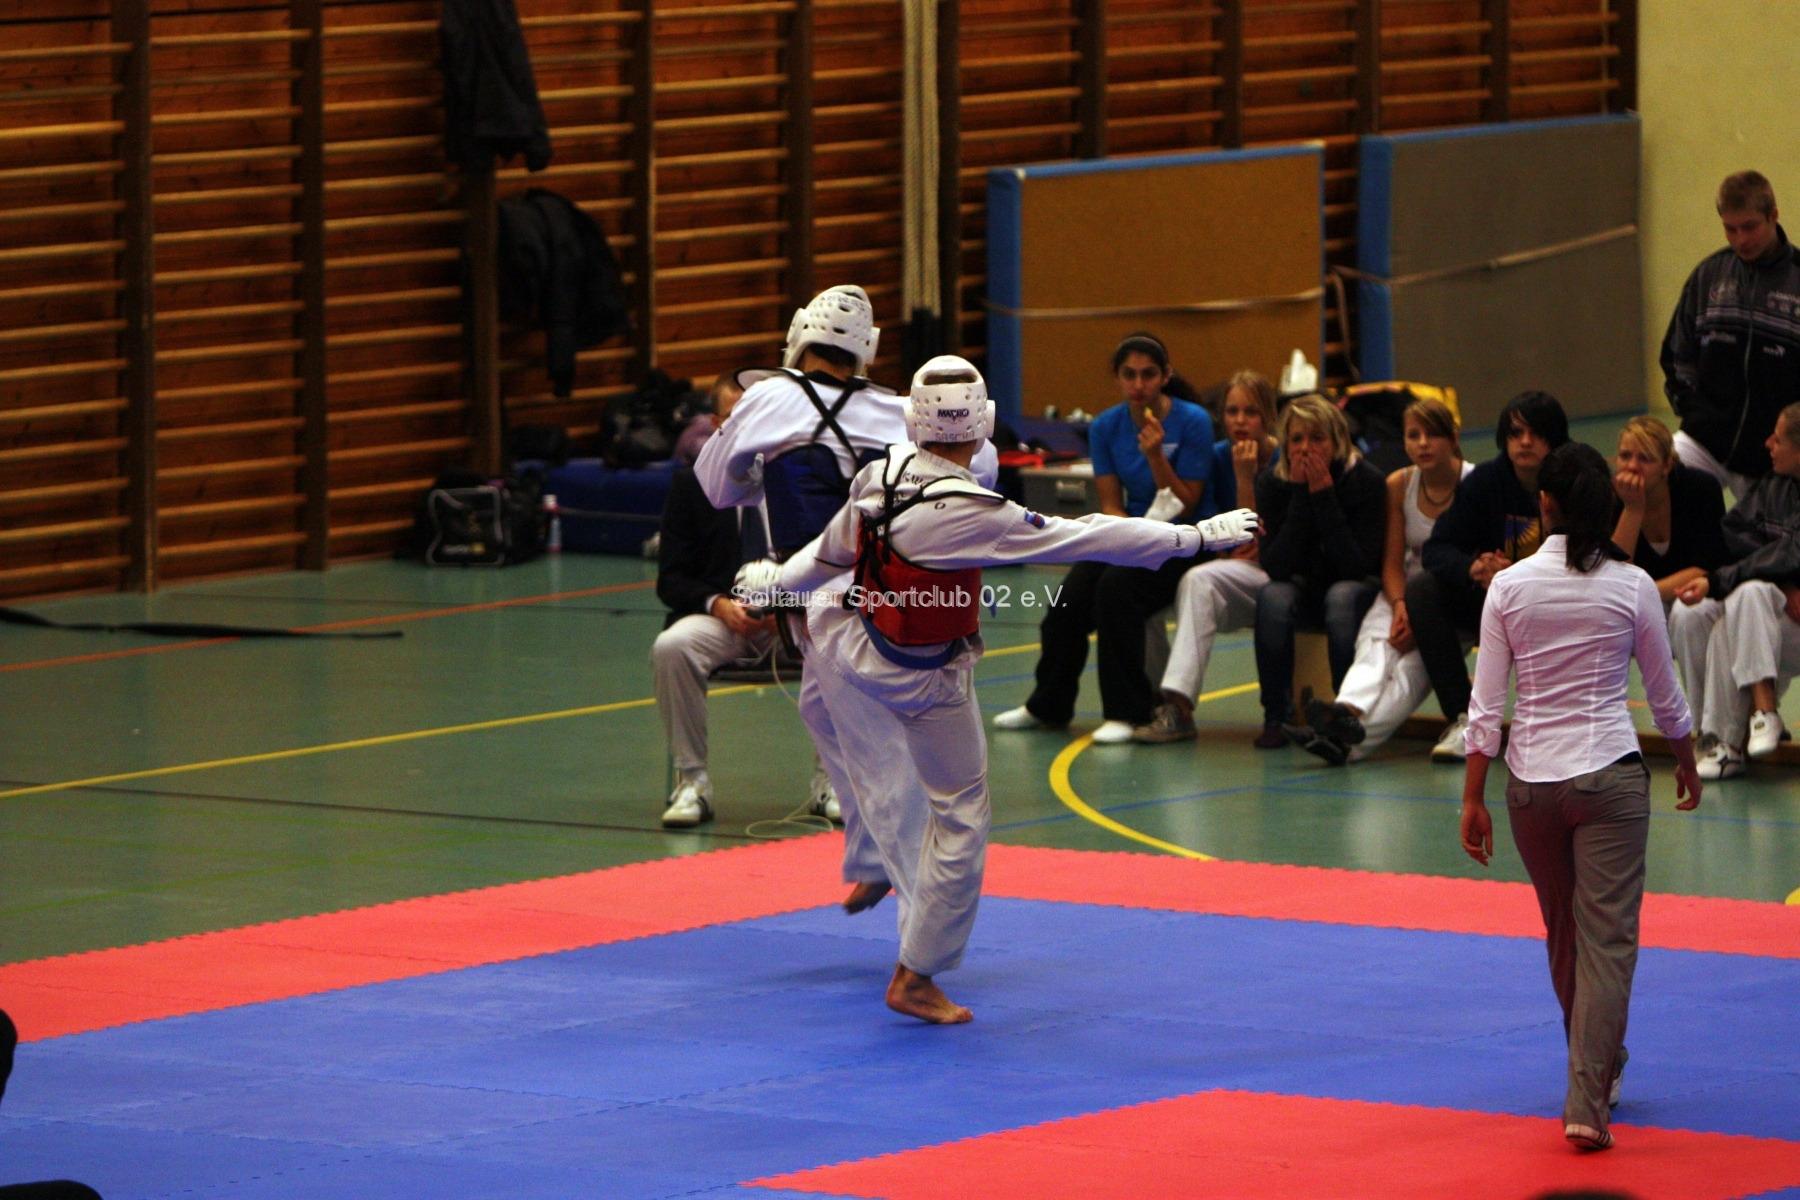 20101127-schleswig-holstein-cup-kaltenkirchen-026